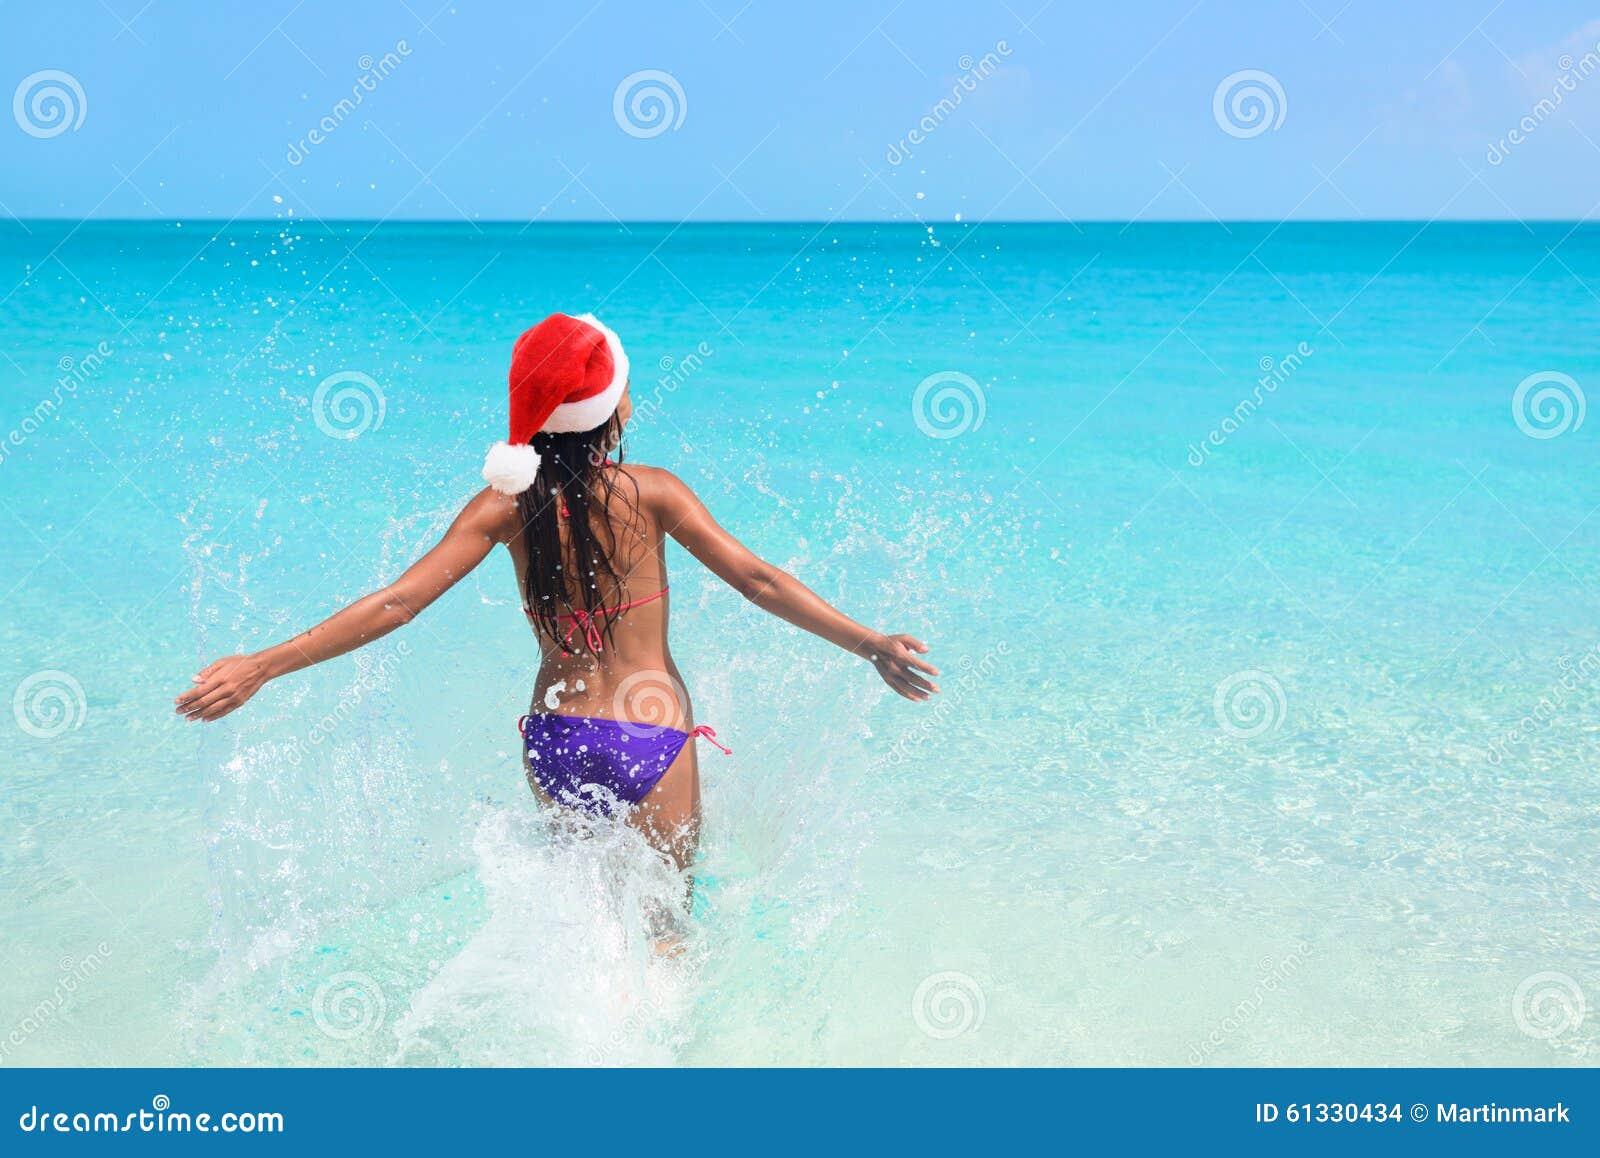 Christmas beach bikini woman swimming in ocean